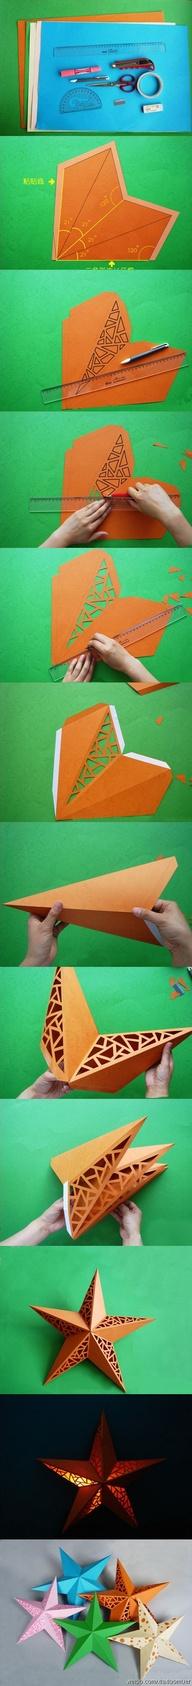 DIY Cut-out 3-D Star